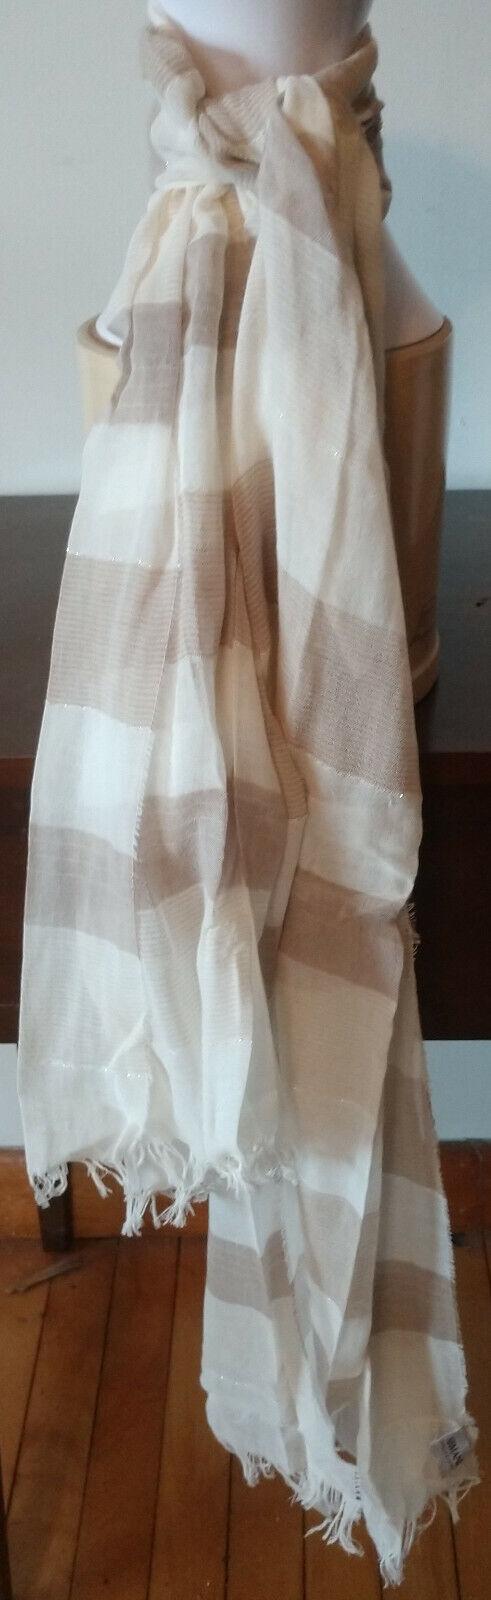 ARMANI COLLEZIONI-Beige/Cream/Shiny Silver striped scarf - w/fringe 30